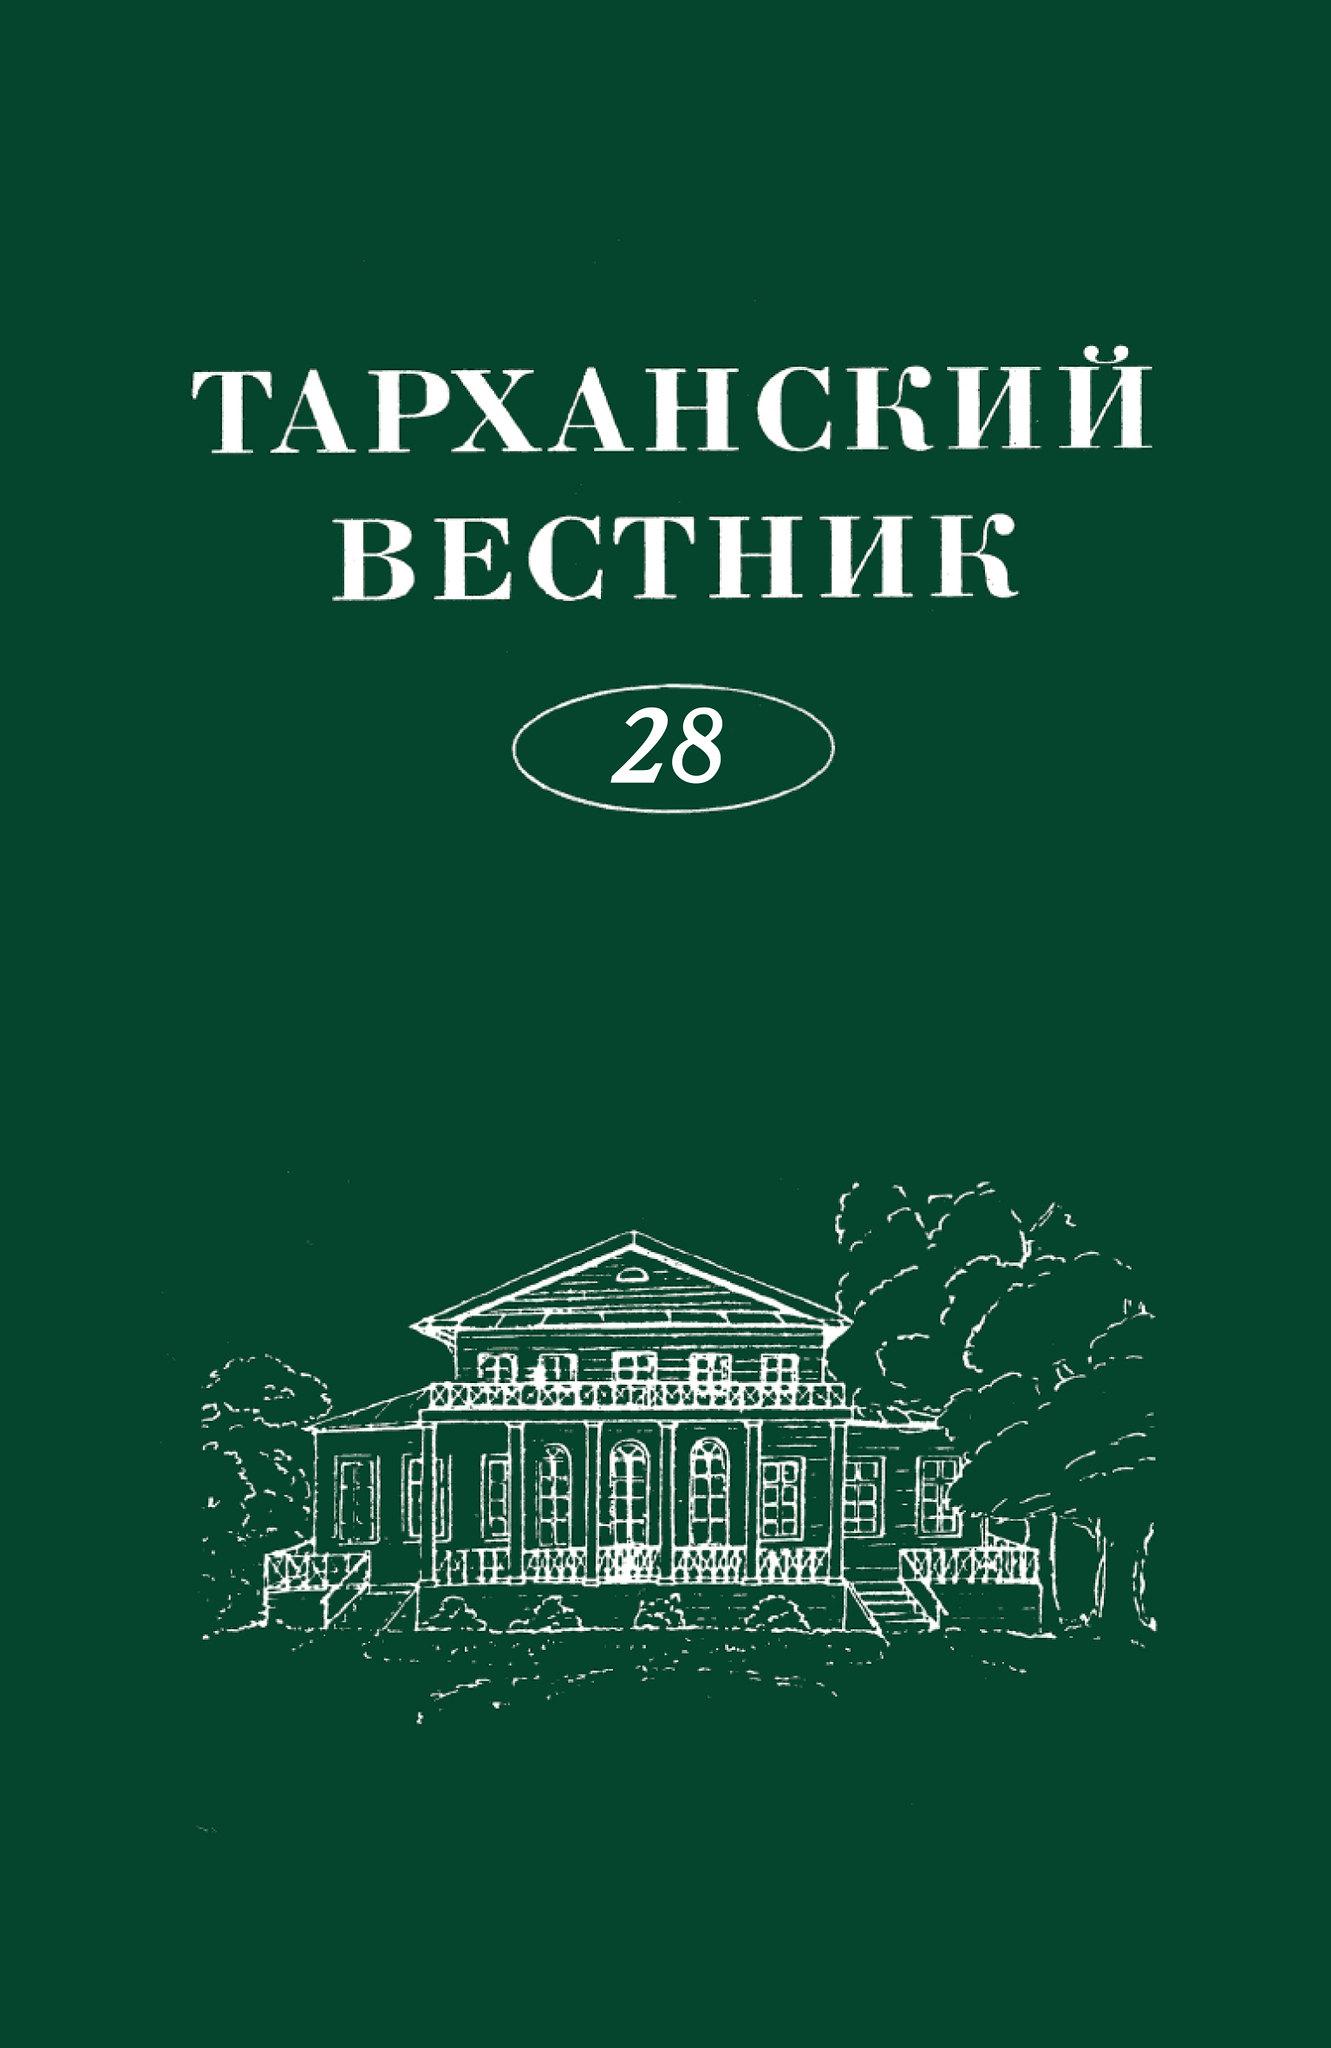 Тарханский Вестник 28_обложка